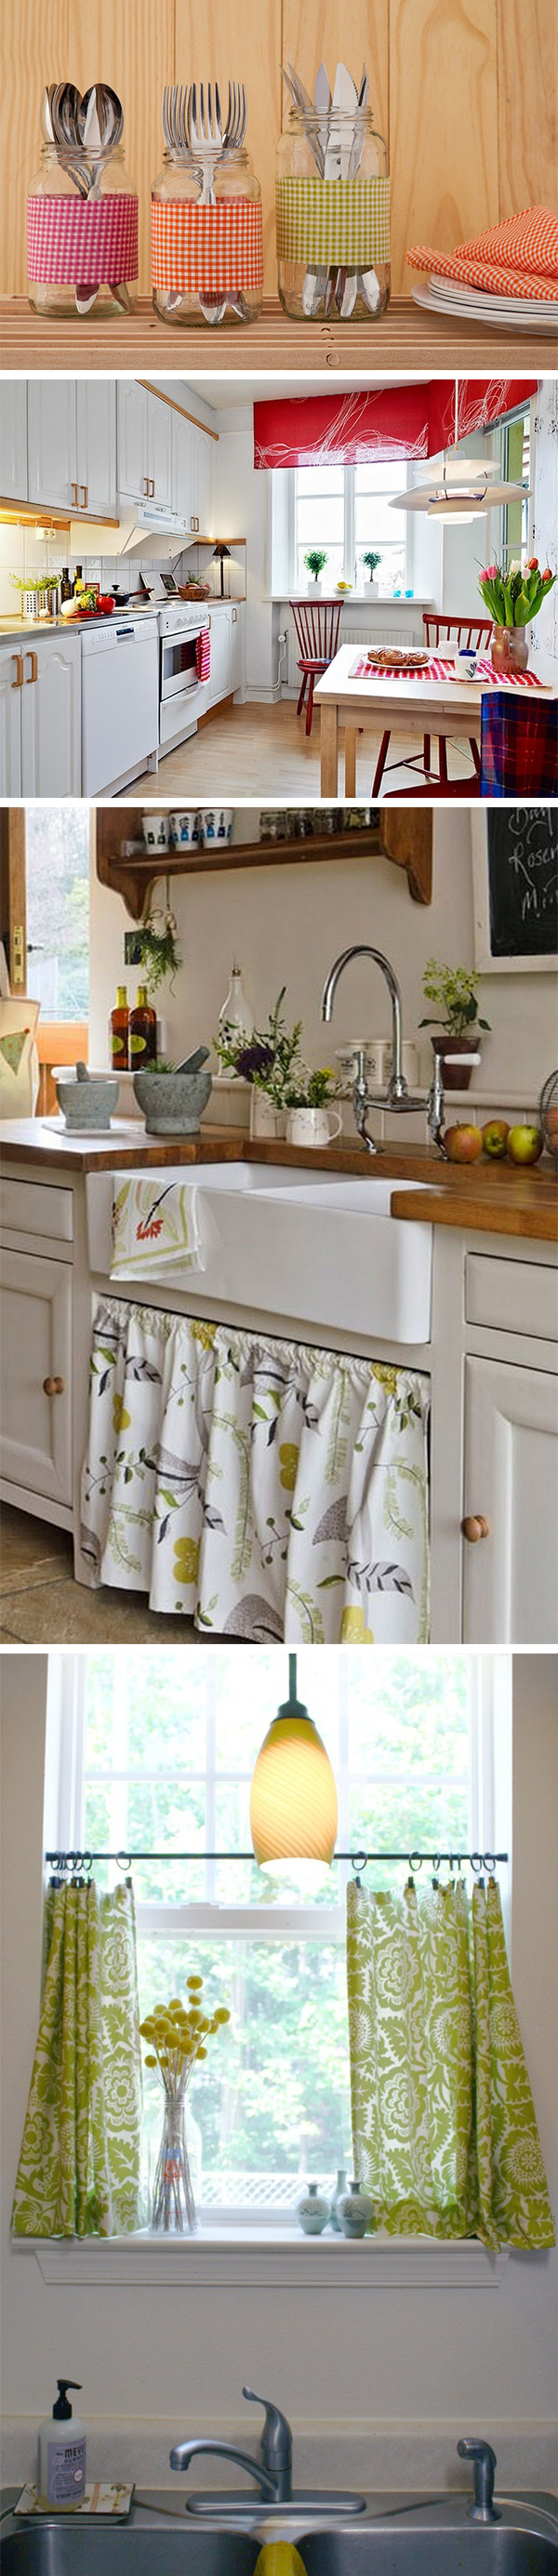 Ideias Econ Micas Para Decorar Sua Cozinha